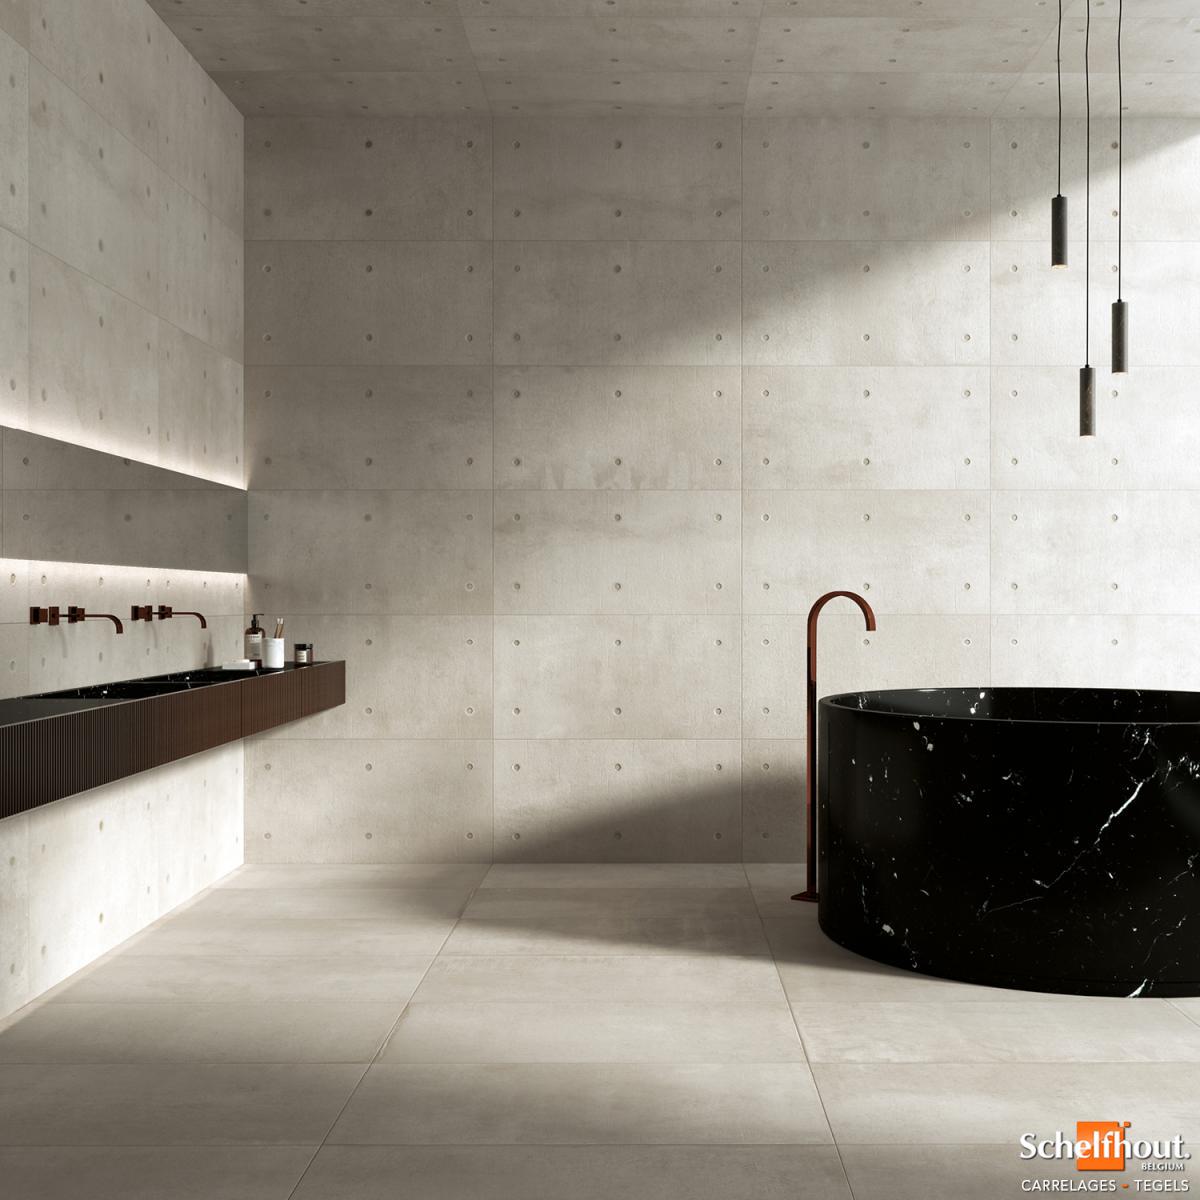 Sol En Beton Interieur schelfhout - carrelages sol et mur intérieur – effet béton